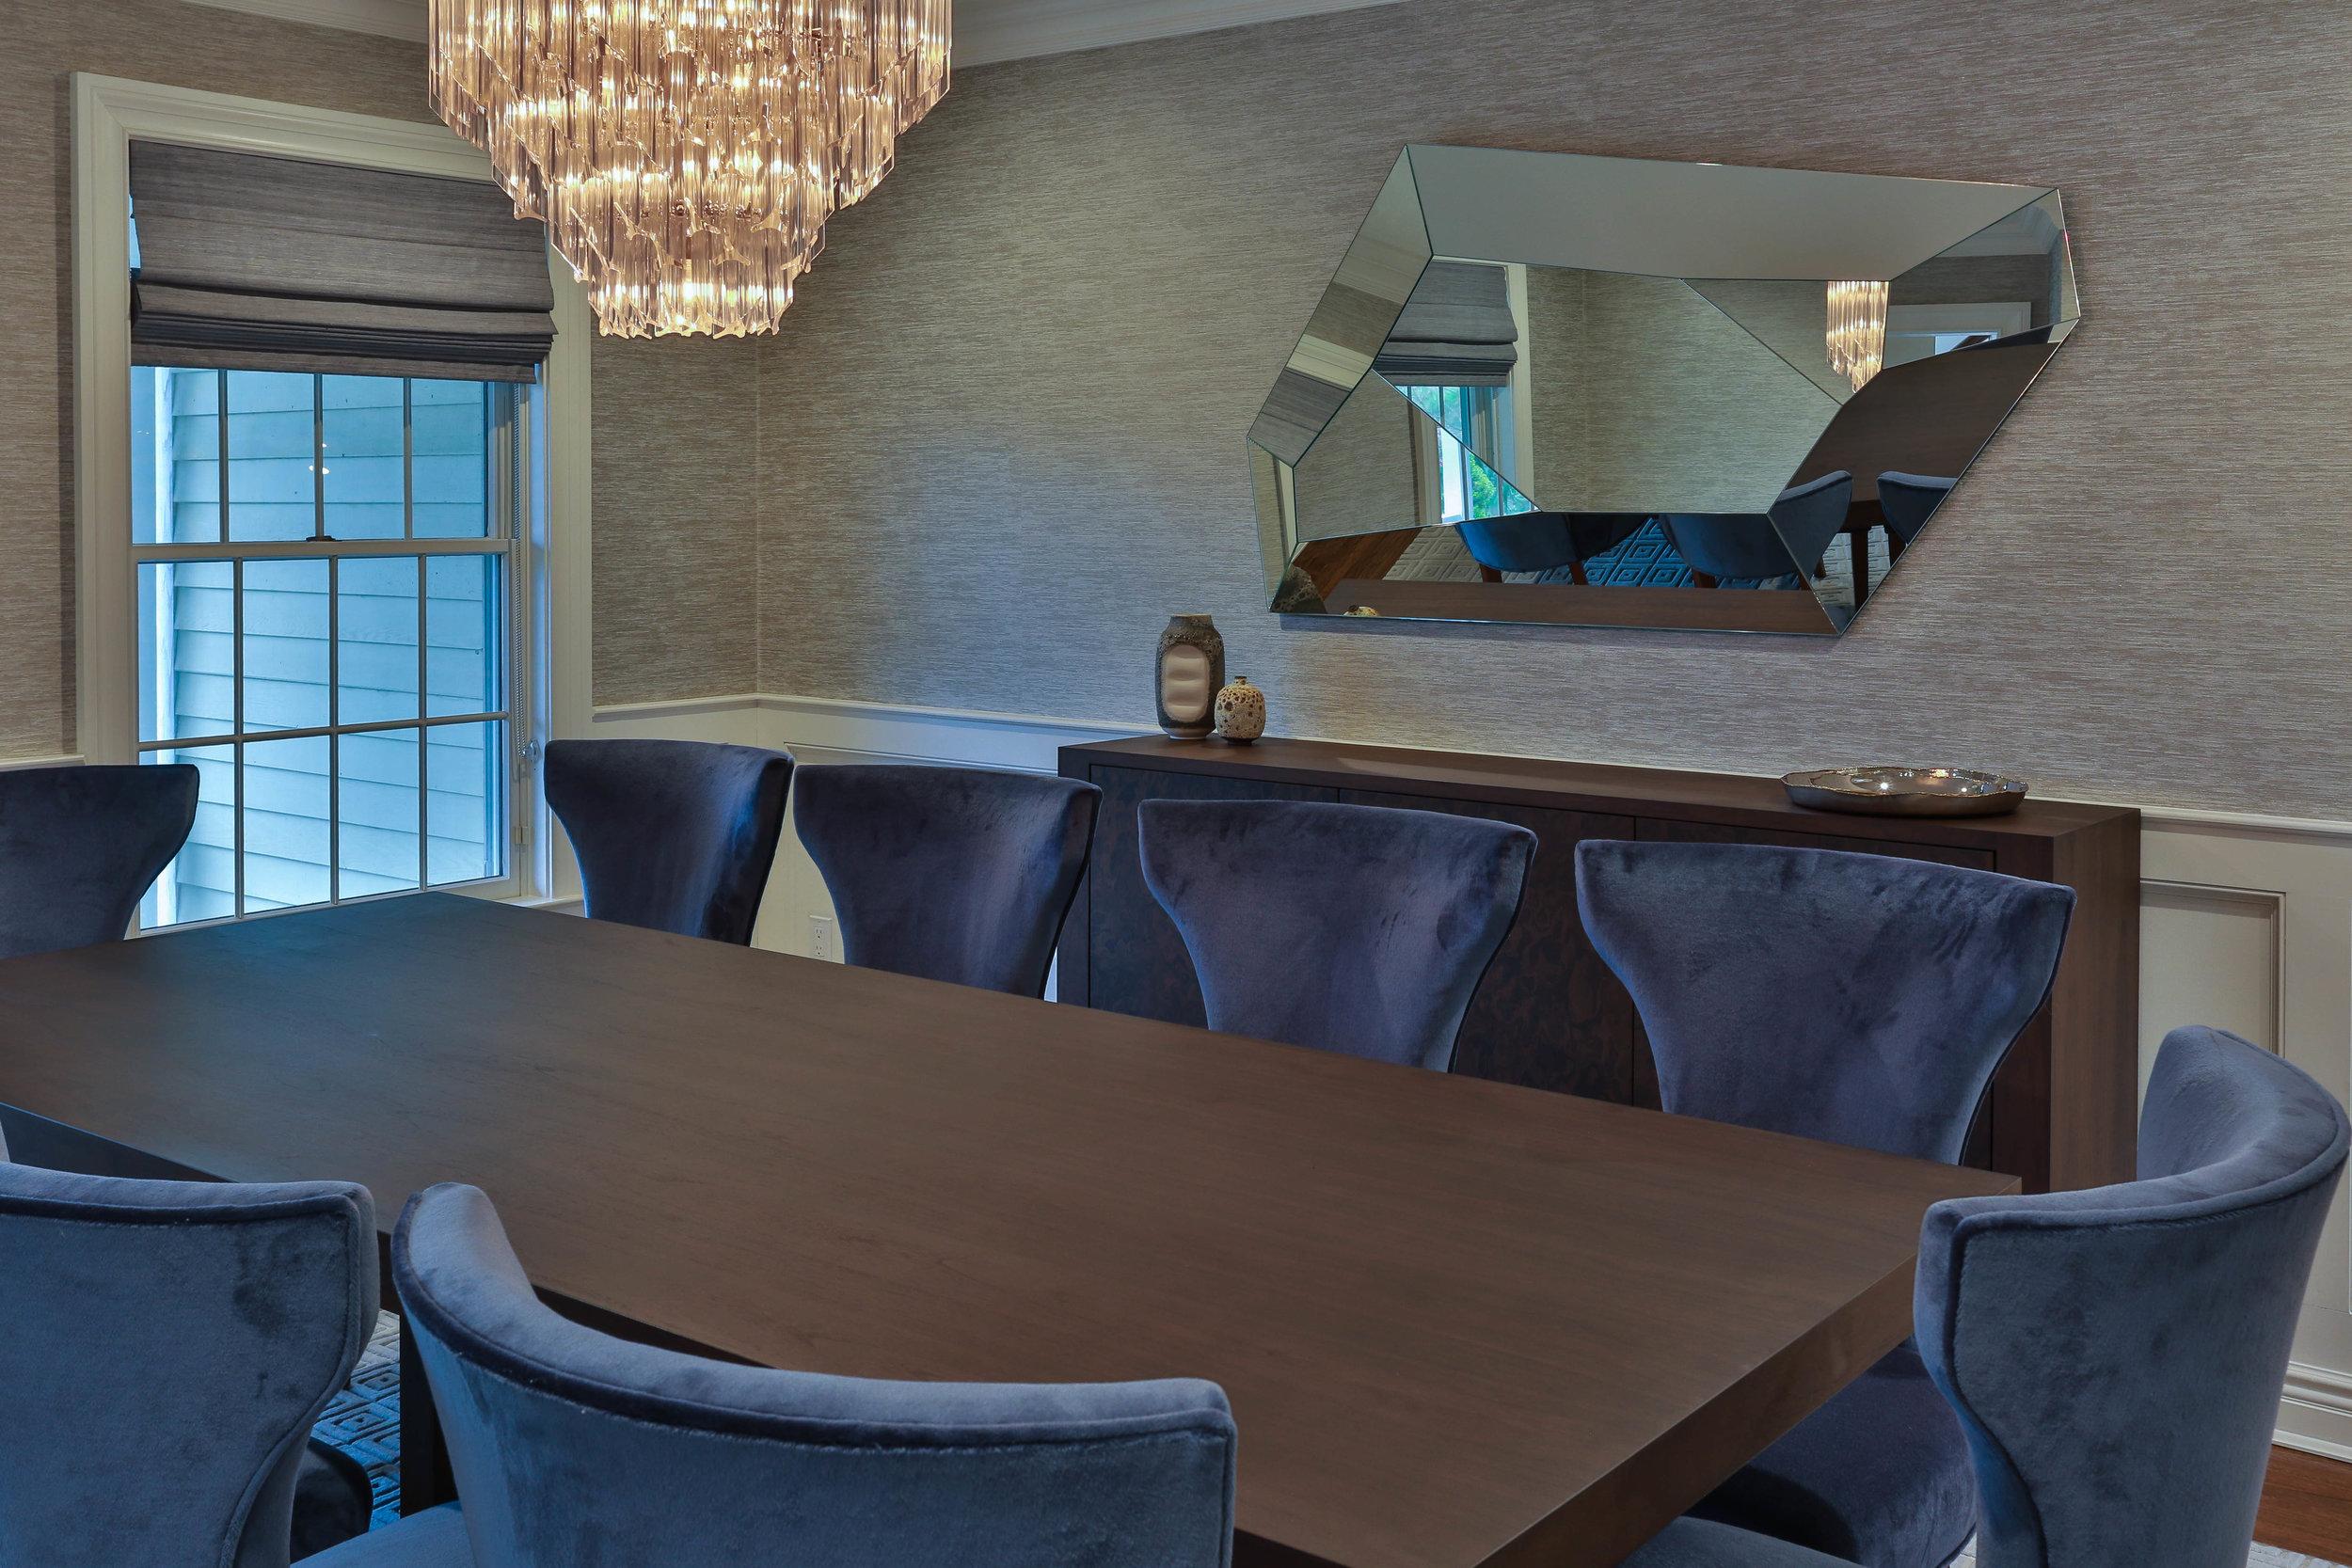 5-Dining Room (12 of 27).jpg